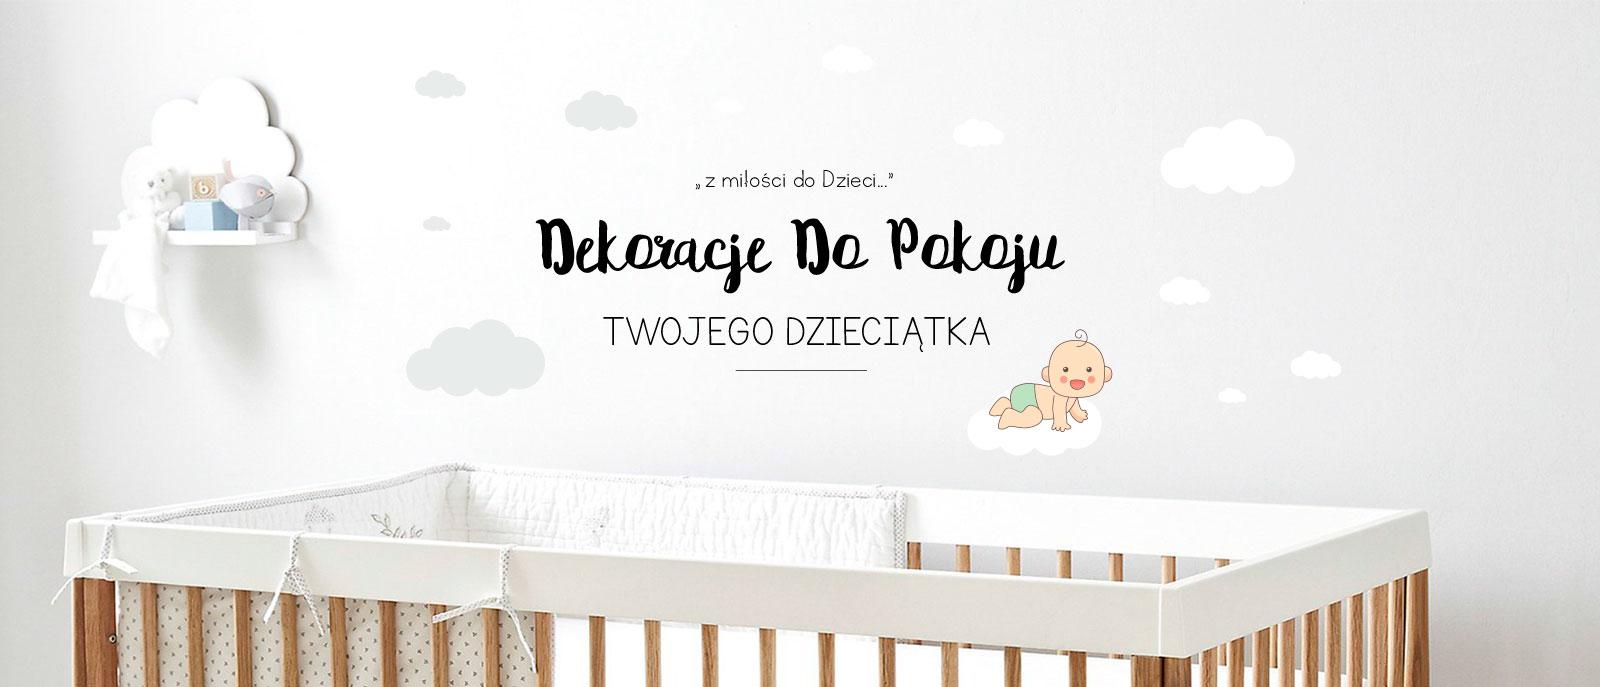 dzieciatko-dekoracje-fototapety-1